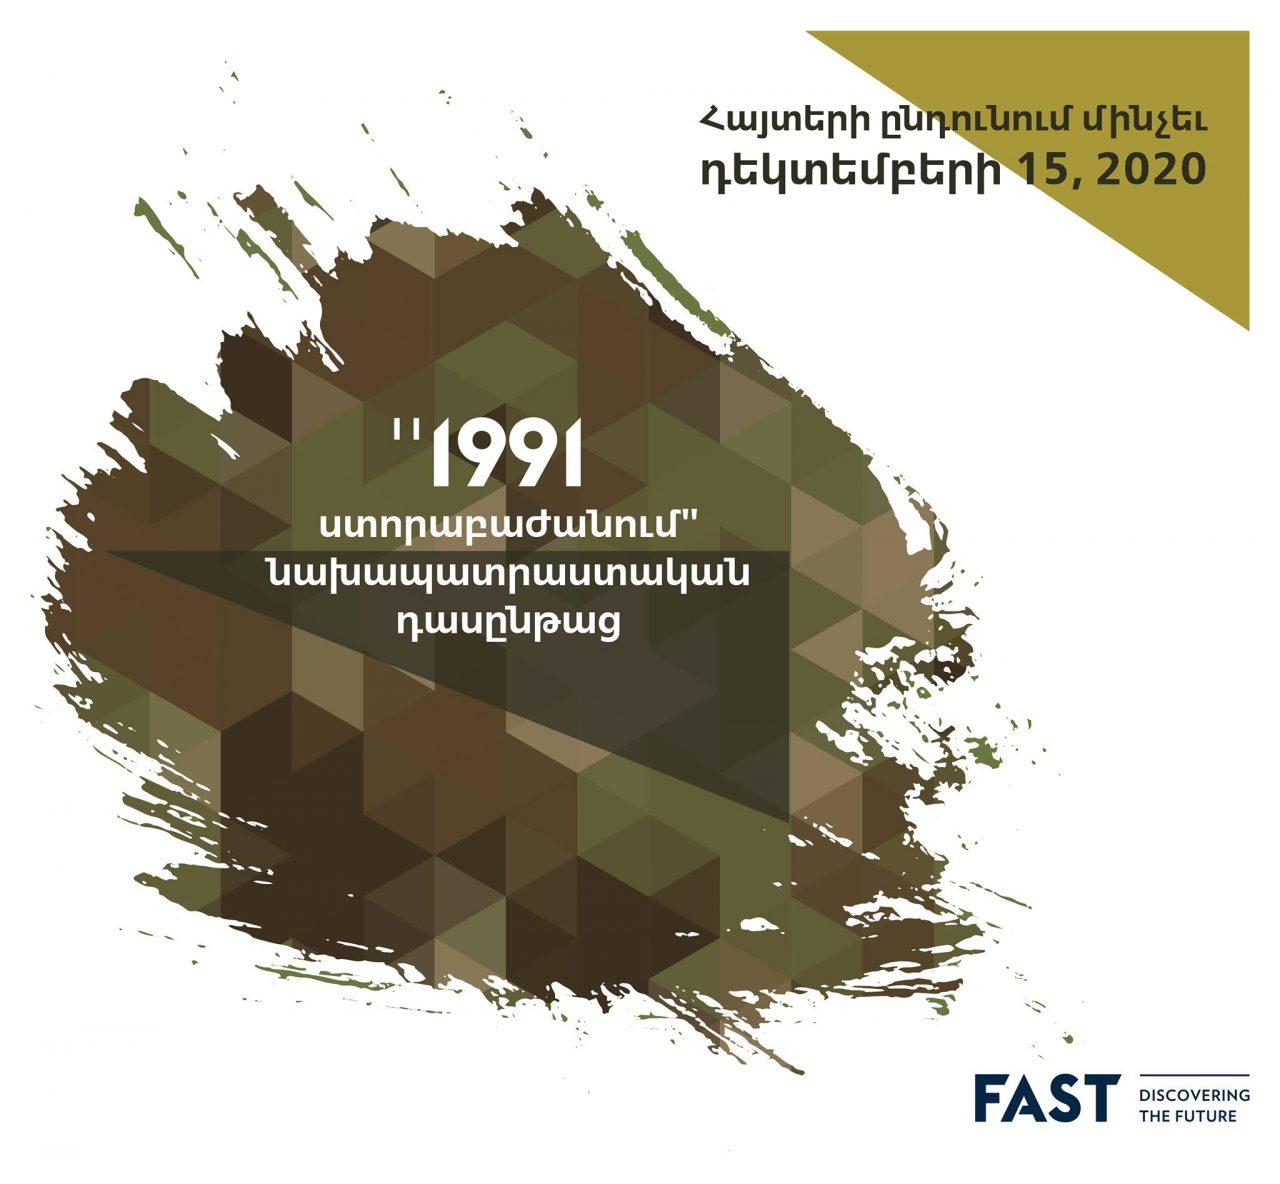 «1991 ստորաբաժանում» նախապատրաստական դասընթացի գրանցումը մեկնարկել է